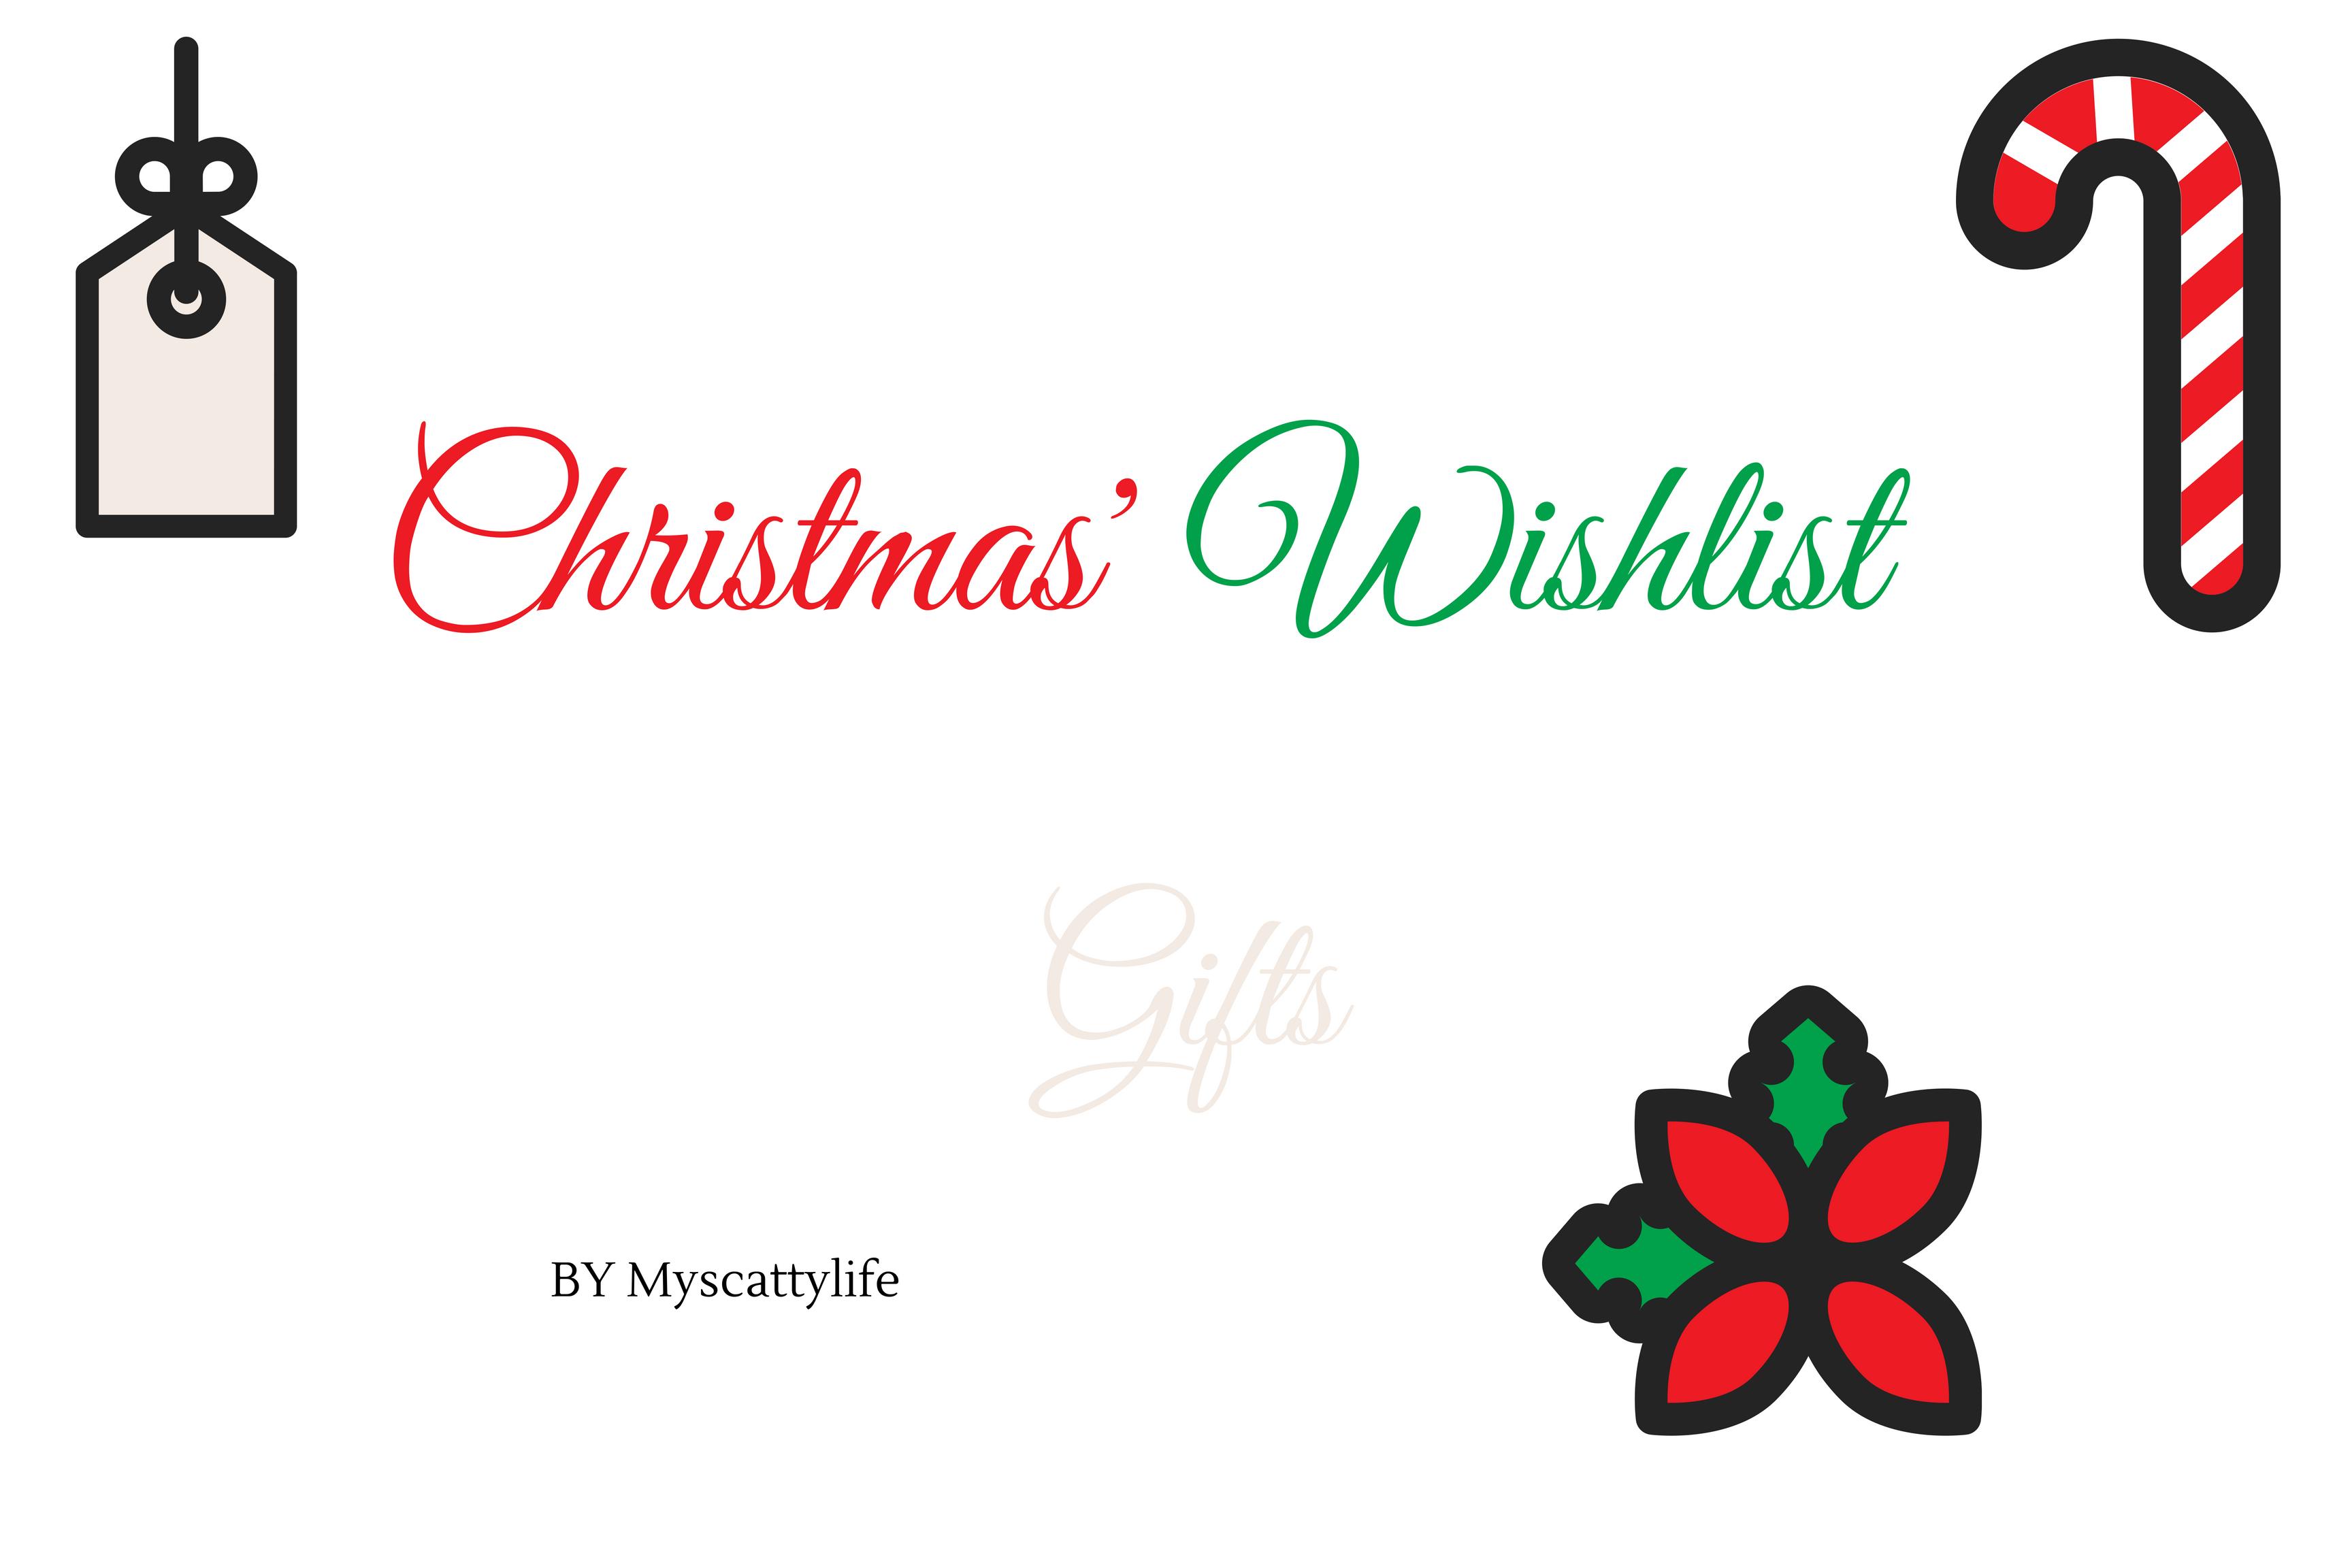 chritsmas-wishlist-gifts